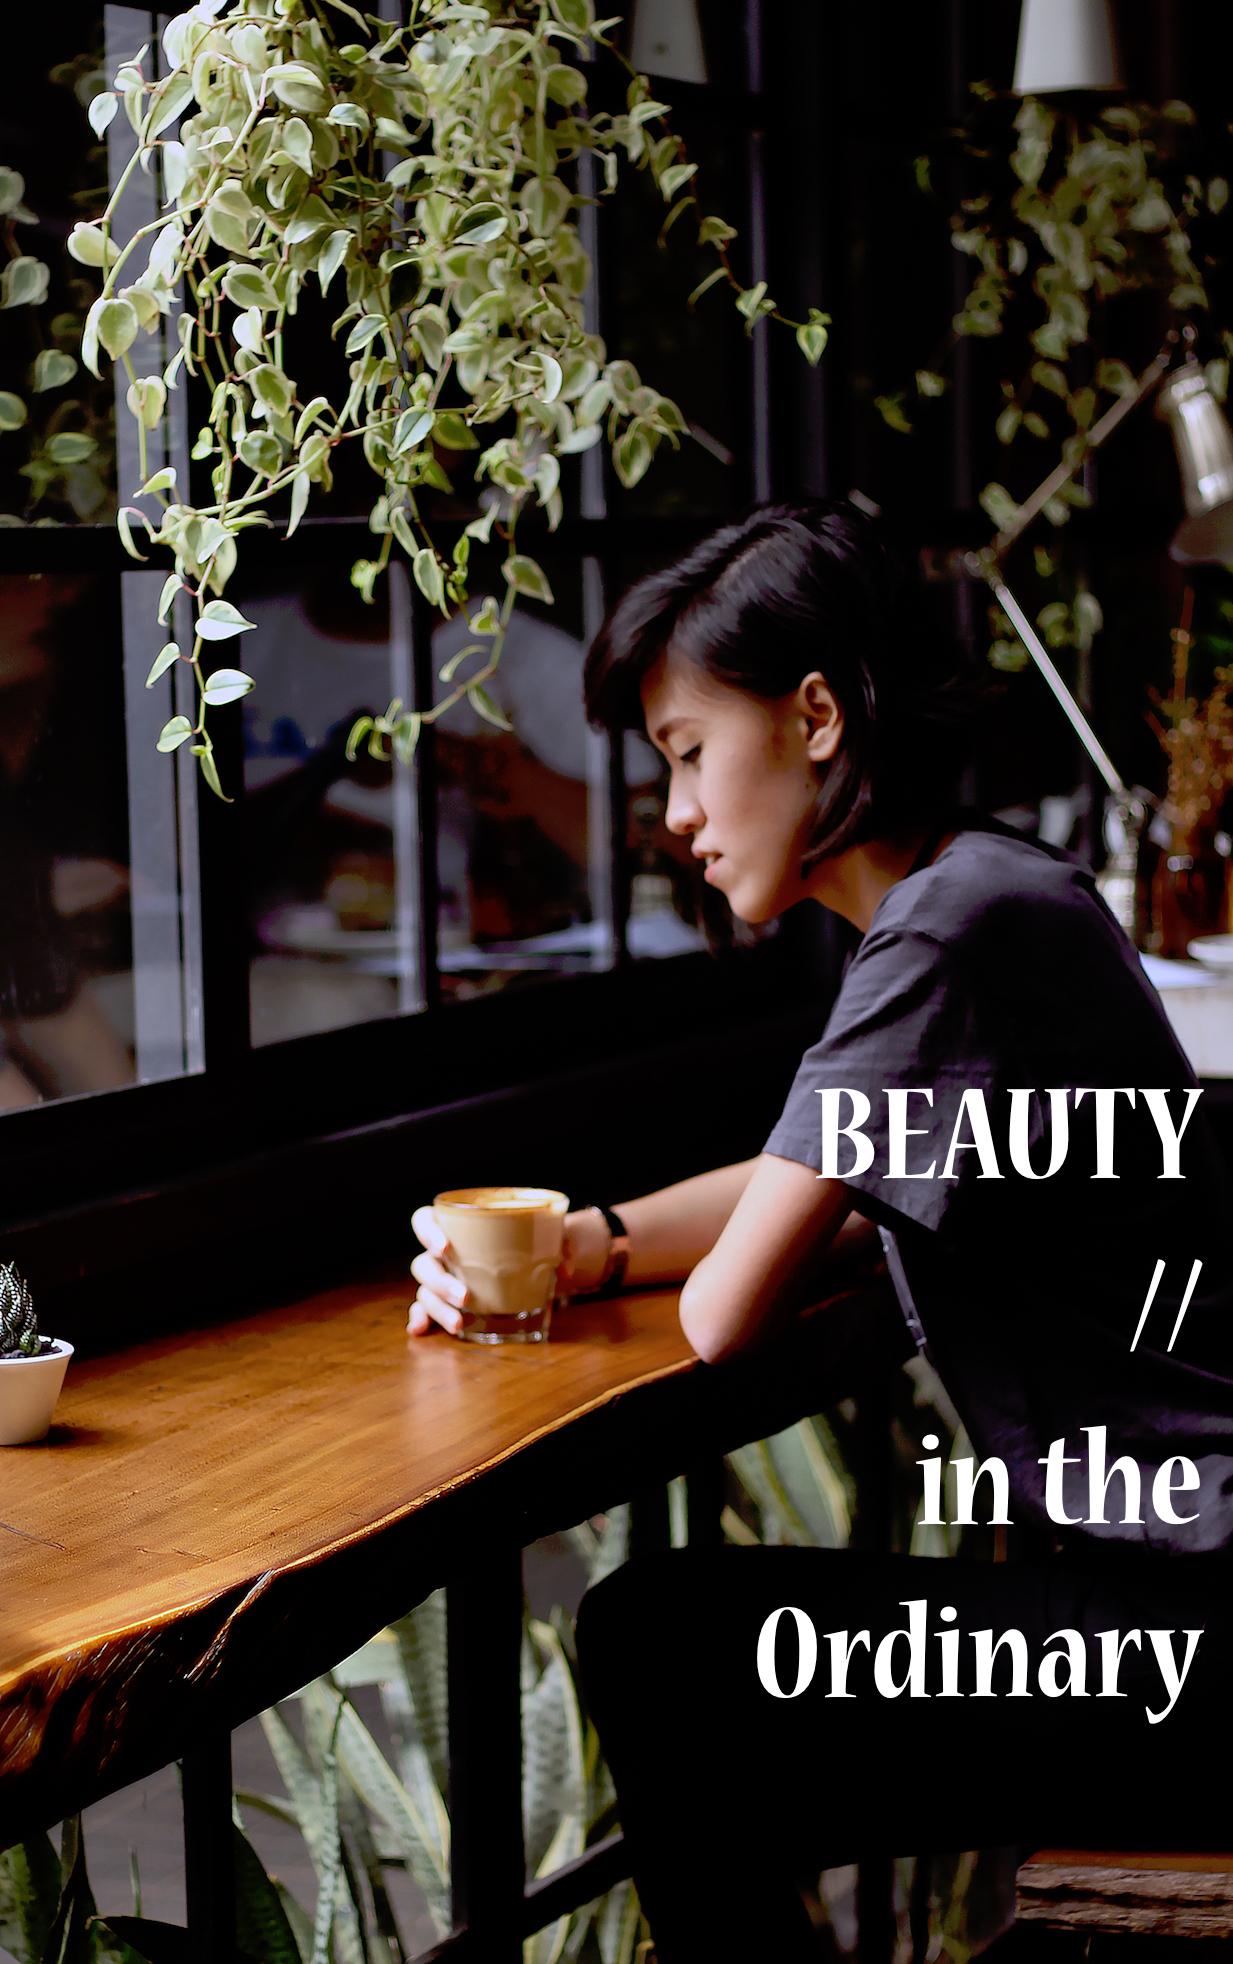 Beauty ordinary